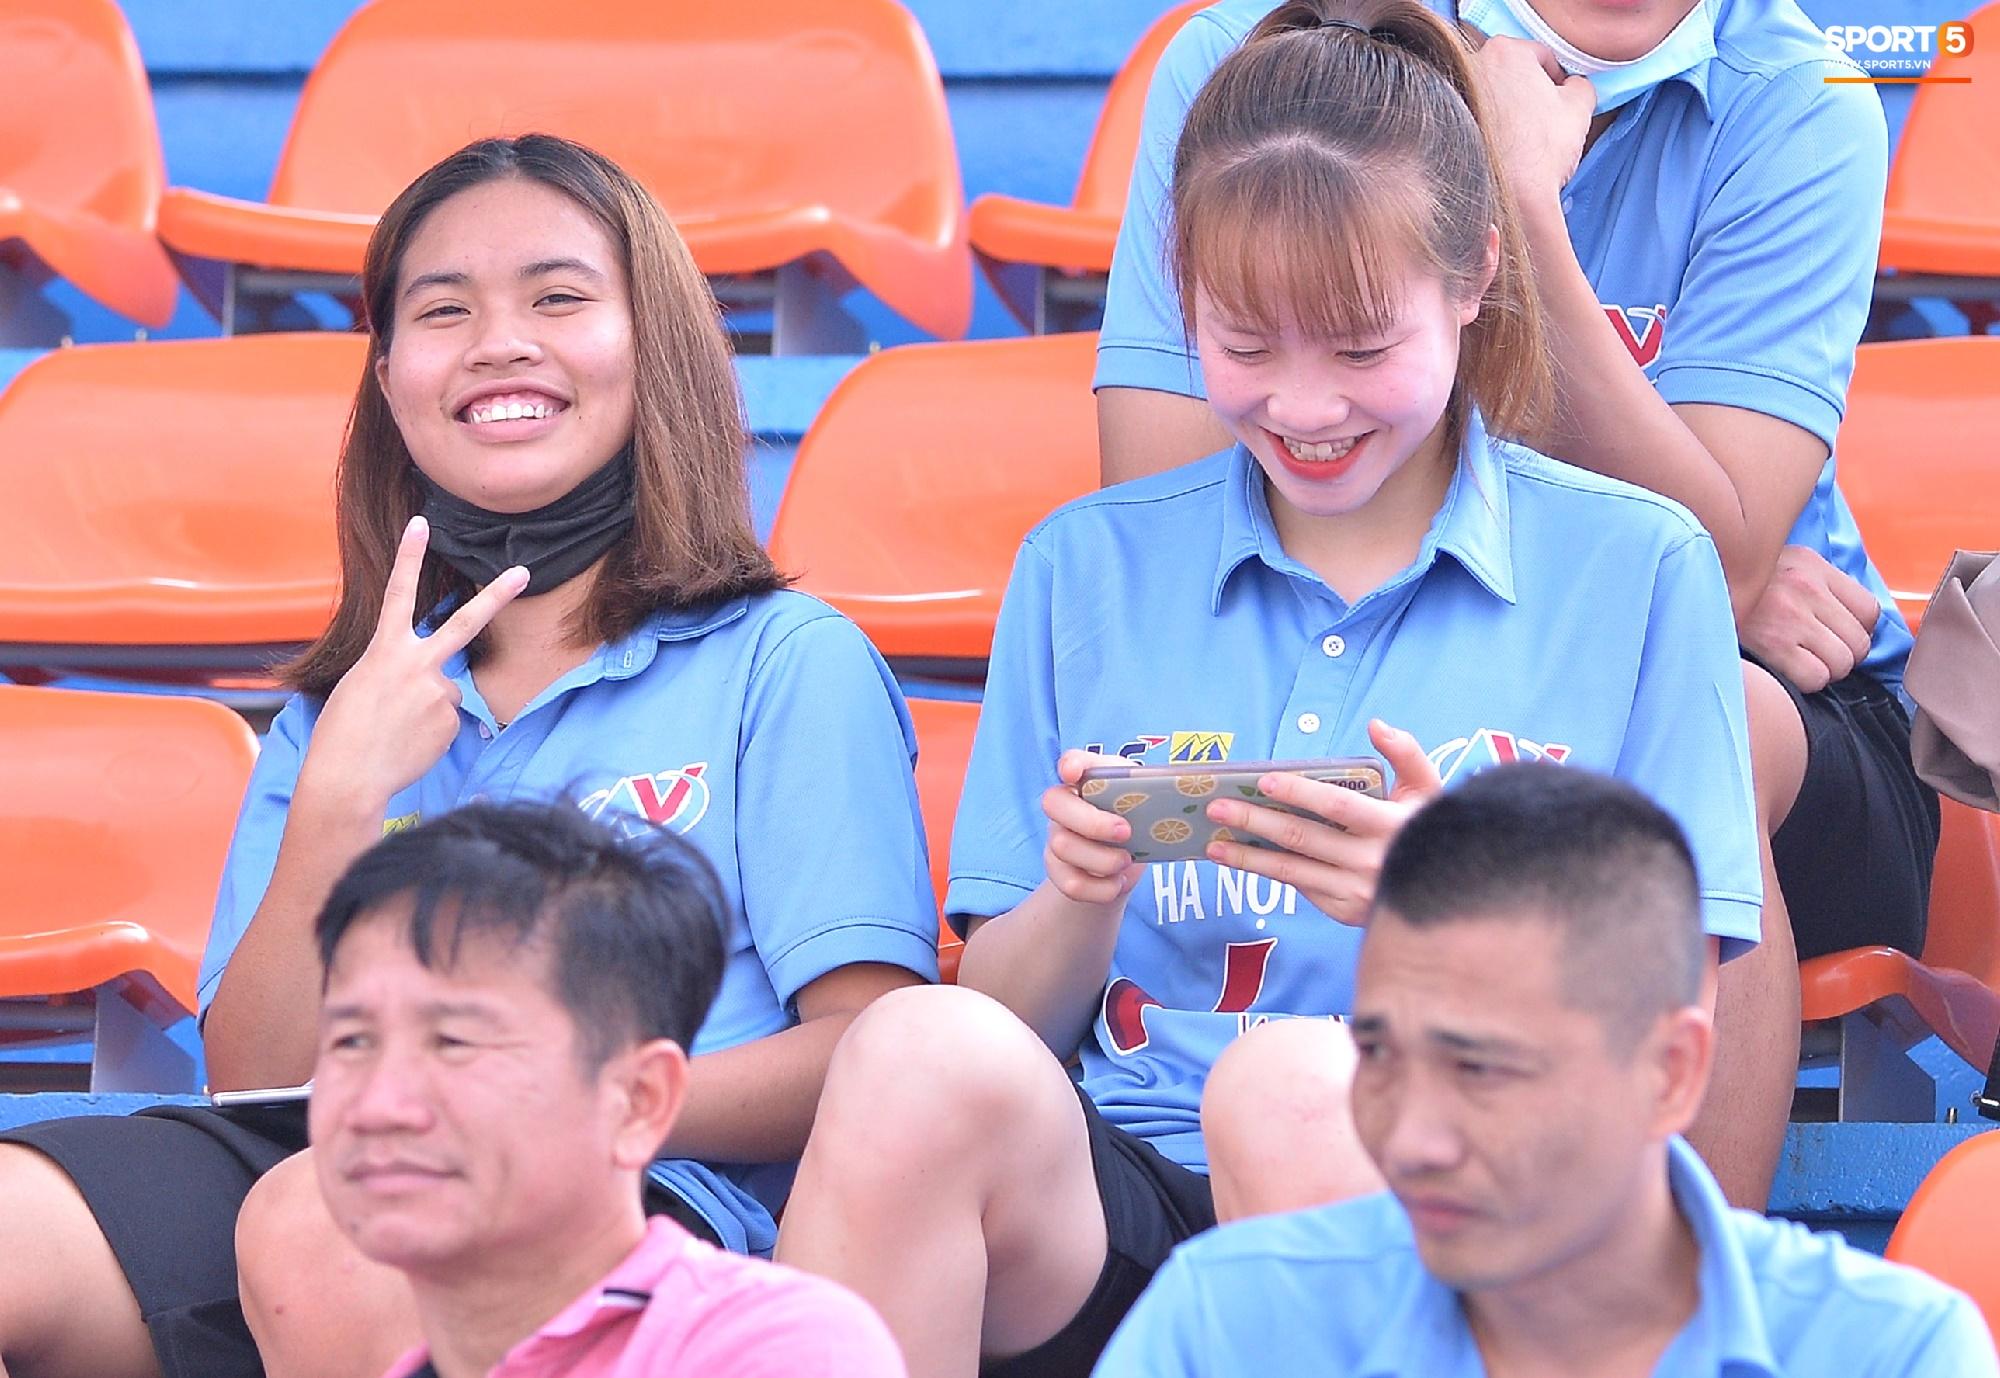 Dàn gái xinh rạng rỡ, đáng yêu trong ngày bế mạc giải bóng đá Nữ Vô địch U19 Quốc gia 2021 - ảnh 14